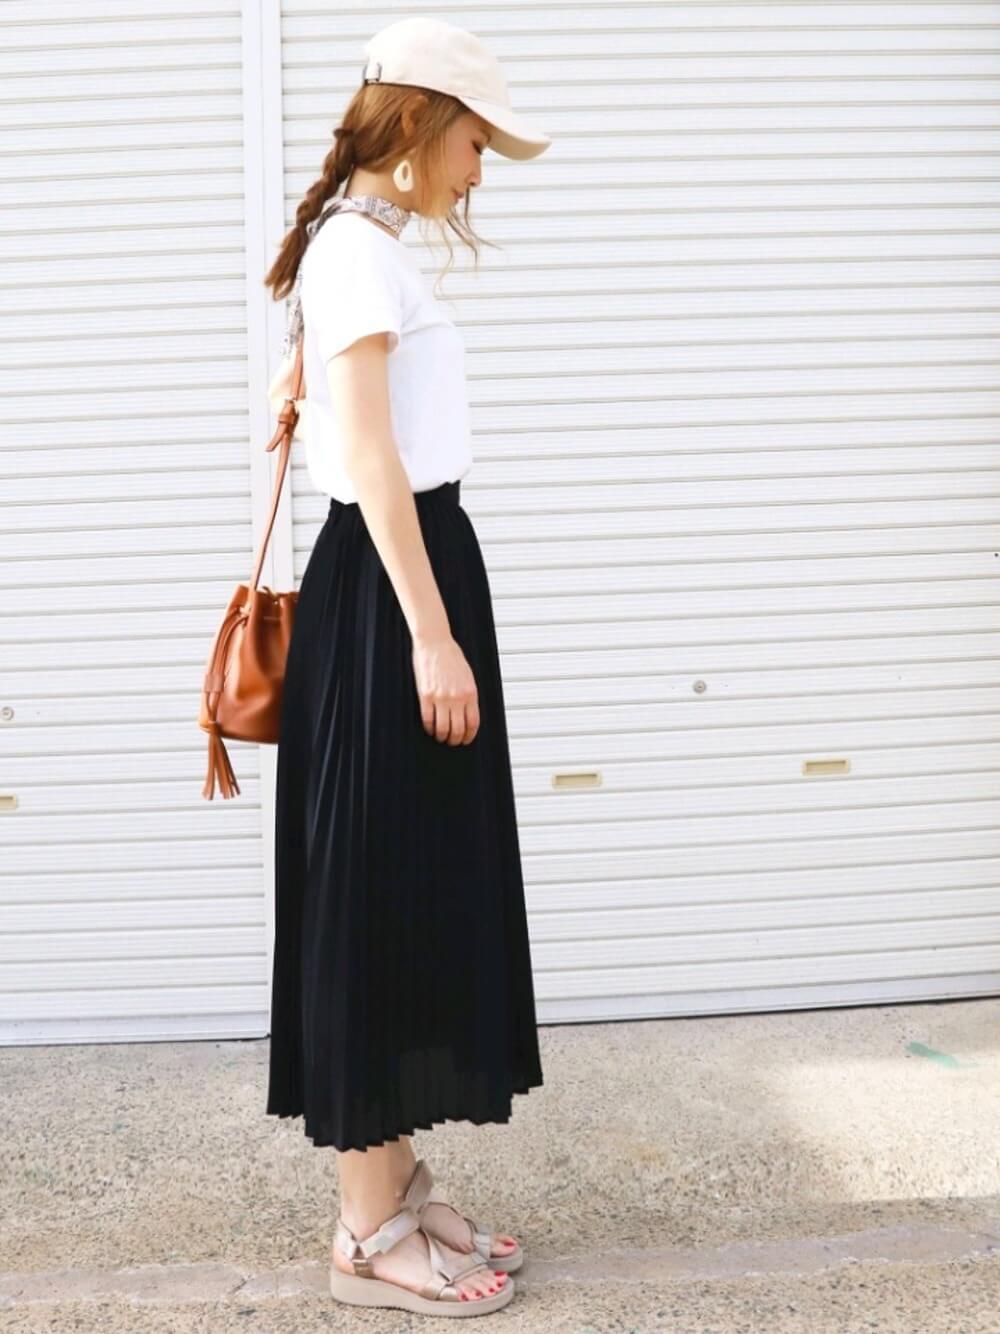 プリーツスカートと合わせれば女性らしいスタイルに